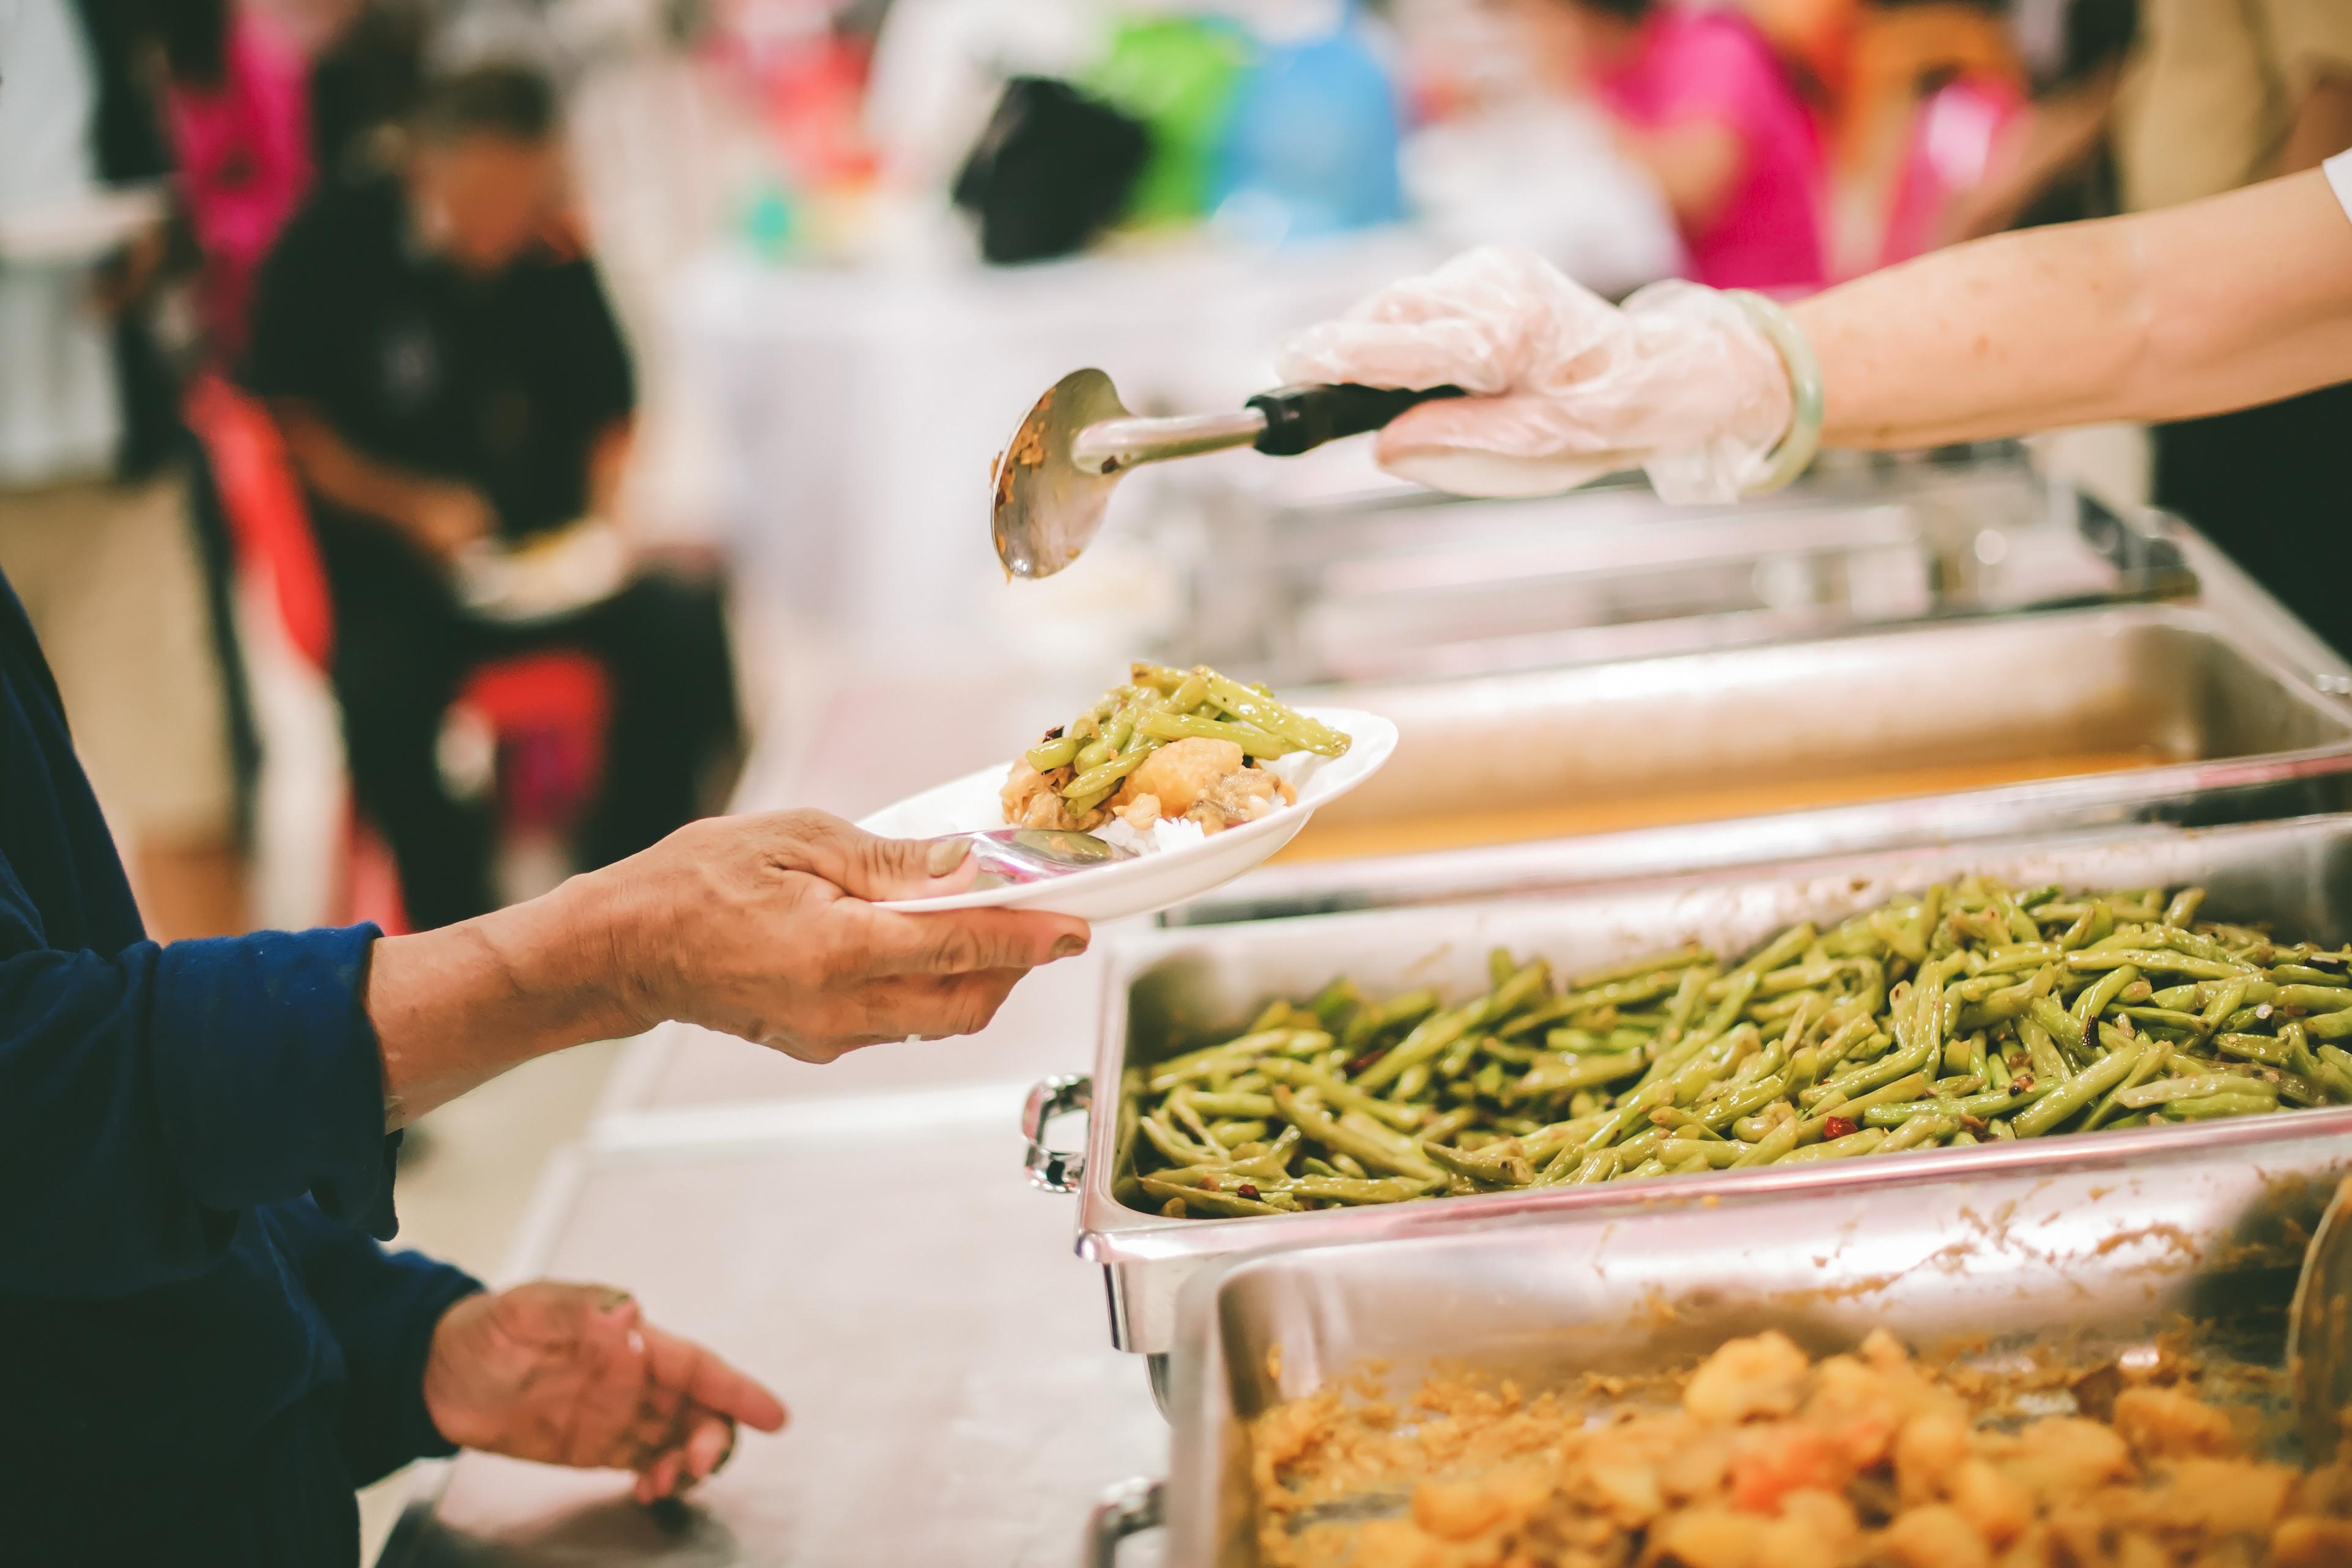 Aux Etats-Unis, l'insuffisance alimentaire, la forme la plus extrême d'insécurité alimentaire, a progressé de 25% et simultanément, chez ces mêmes familles qui « n'ont plus assez à manger », l'incidence de la dépression et autres troubles mentaux progresse (Visuel Adobe Stock 319404863)